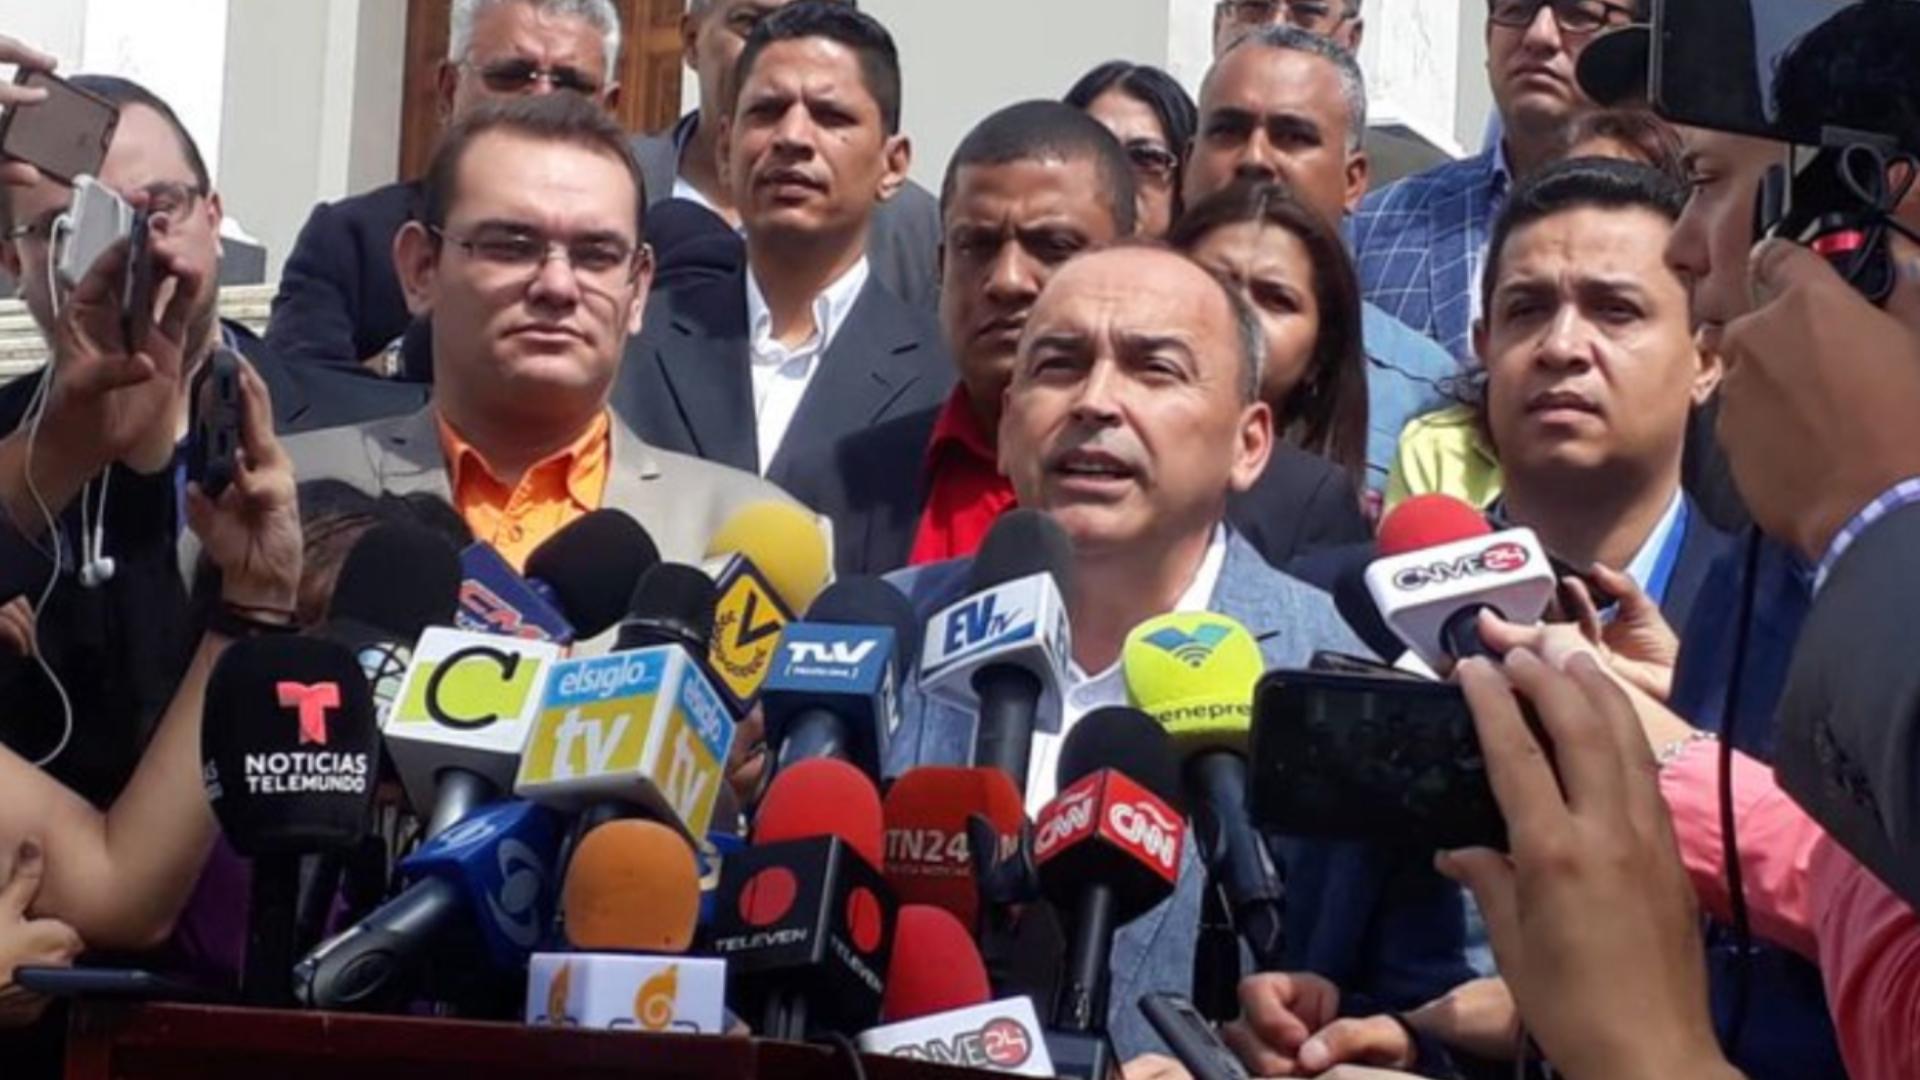 Chavismo participará en el Comité de Postulaciones electoral